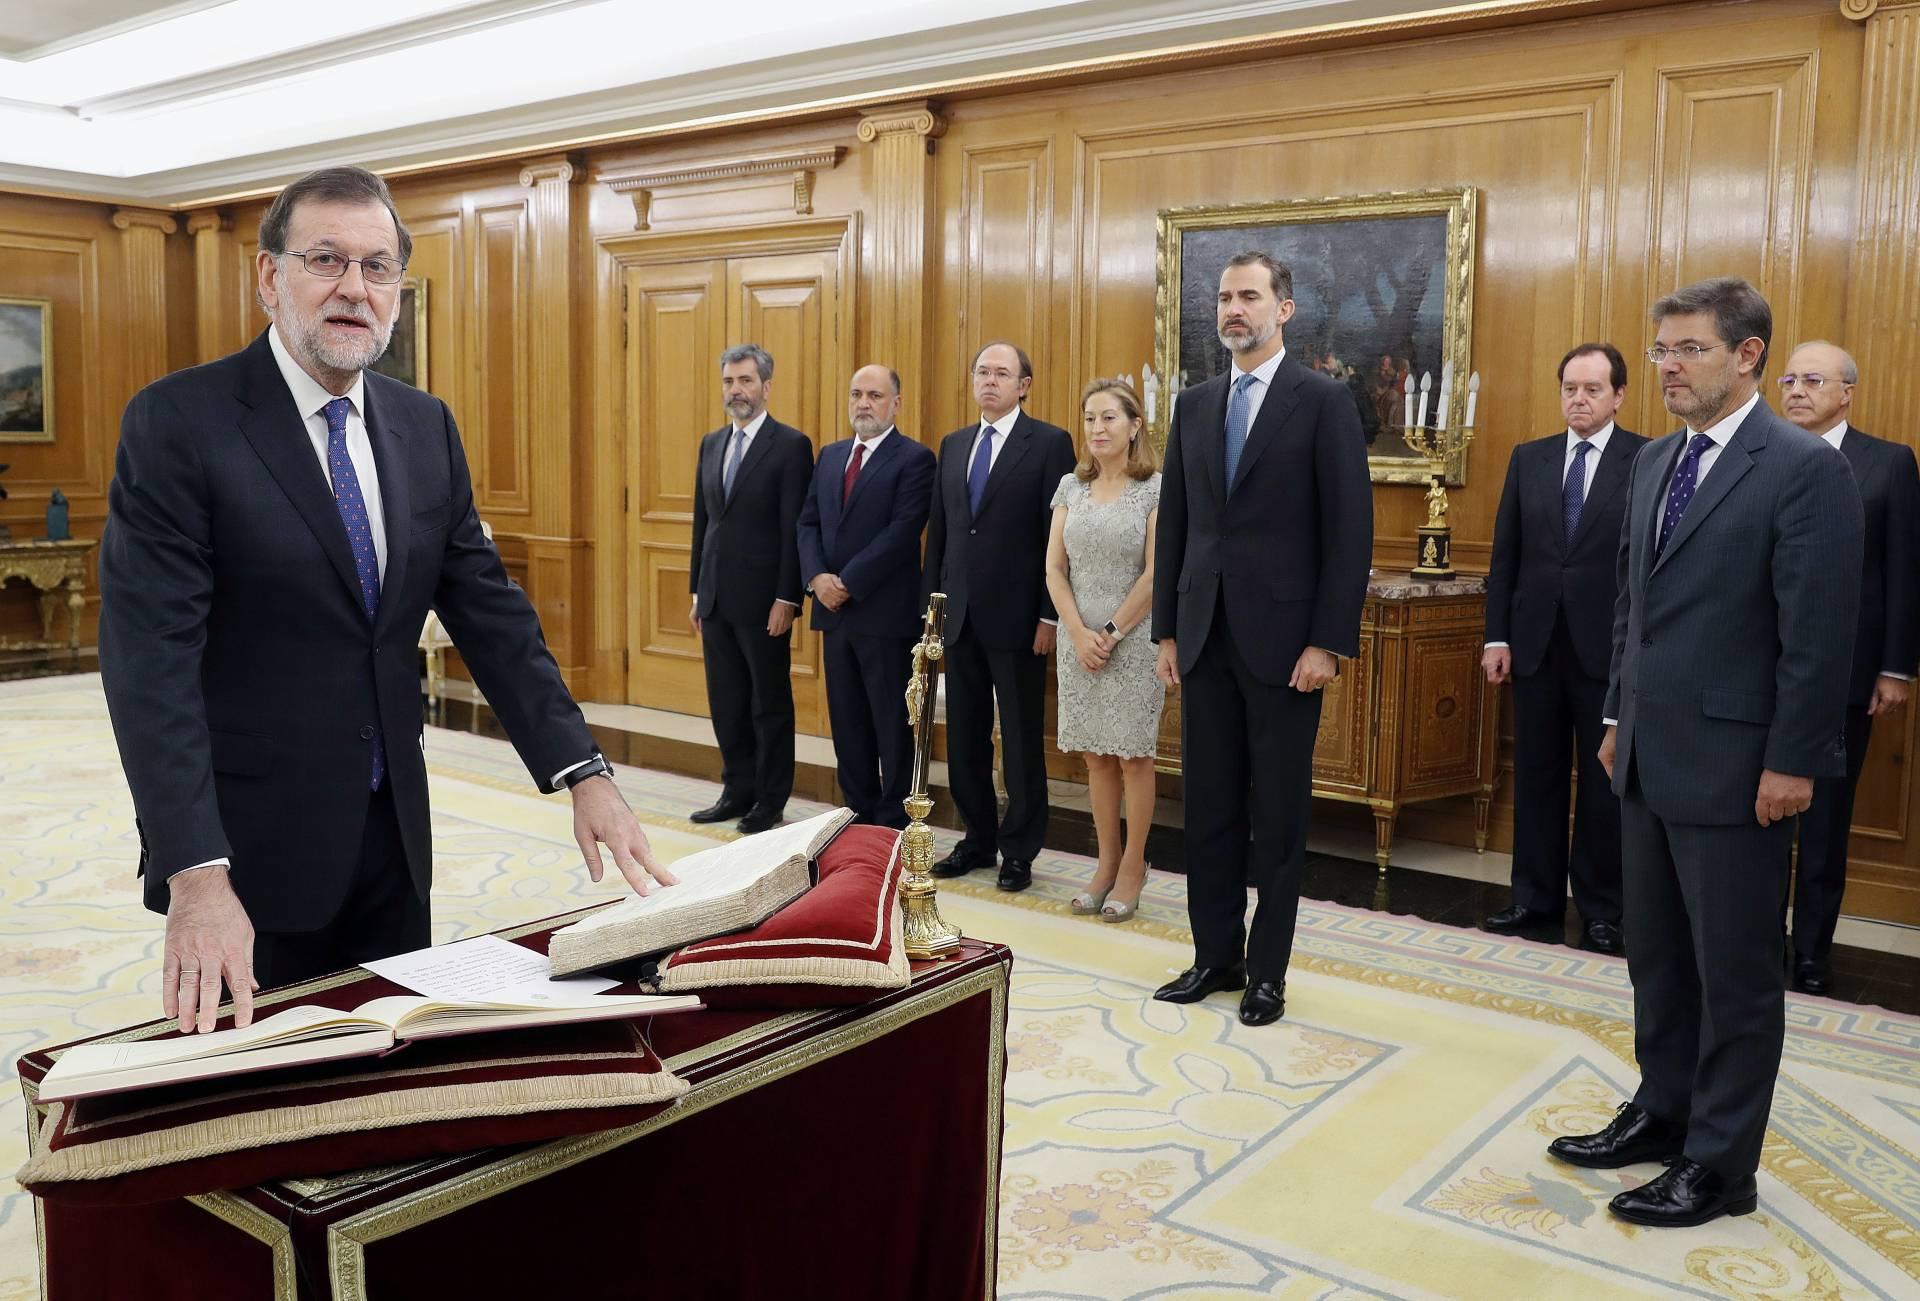 Mariano Rajoy, durante la jura de su cargo como presidente del Gobierno.